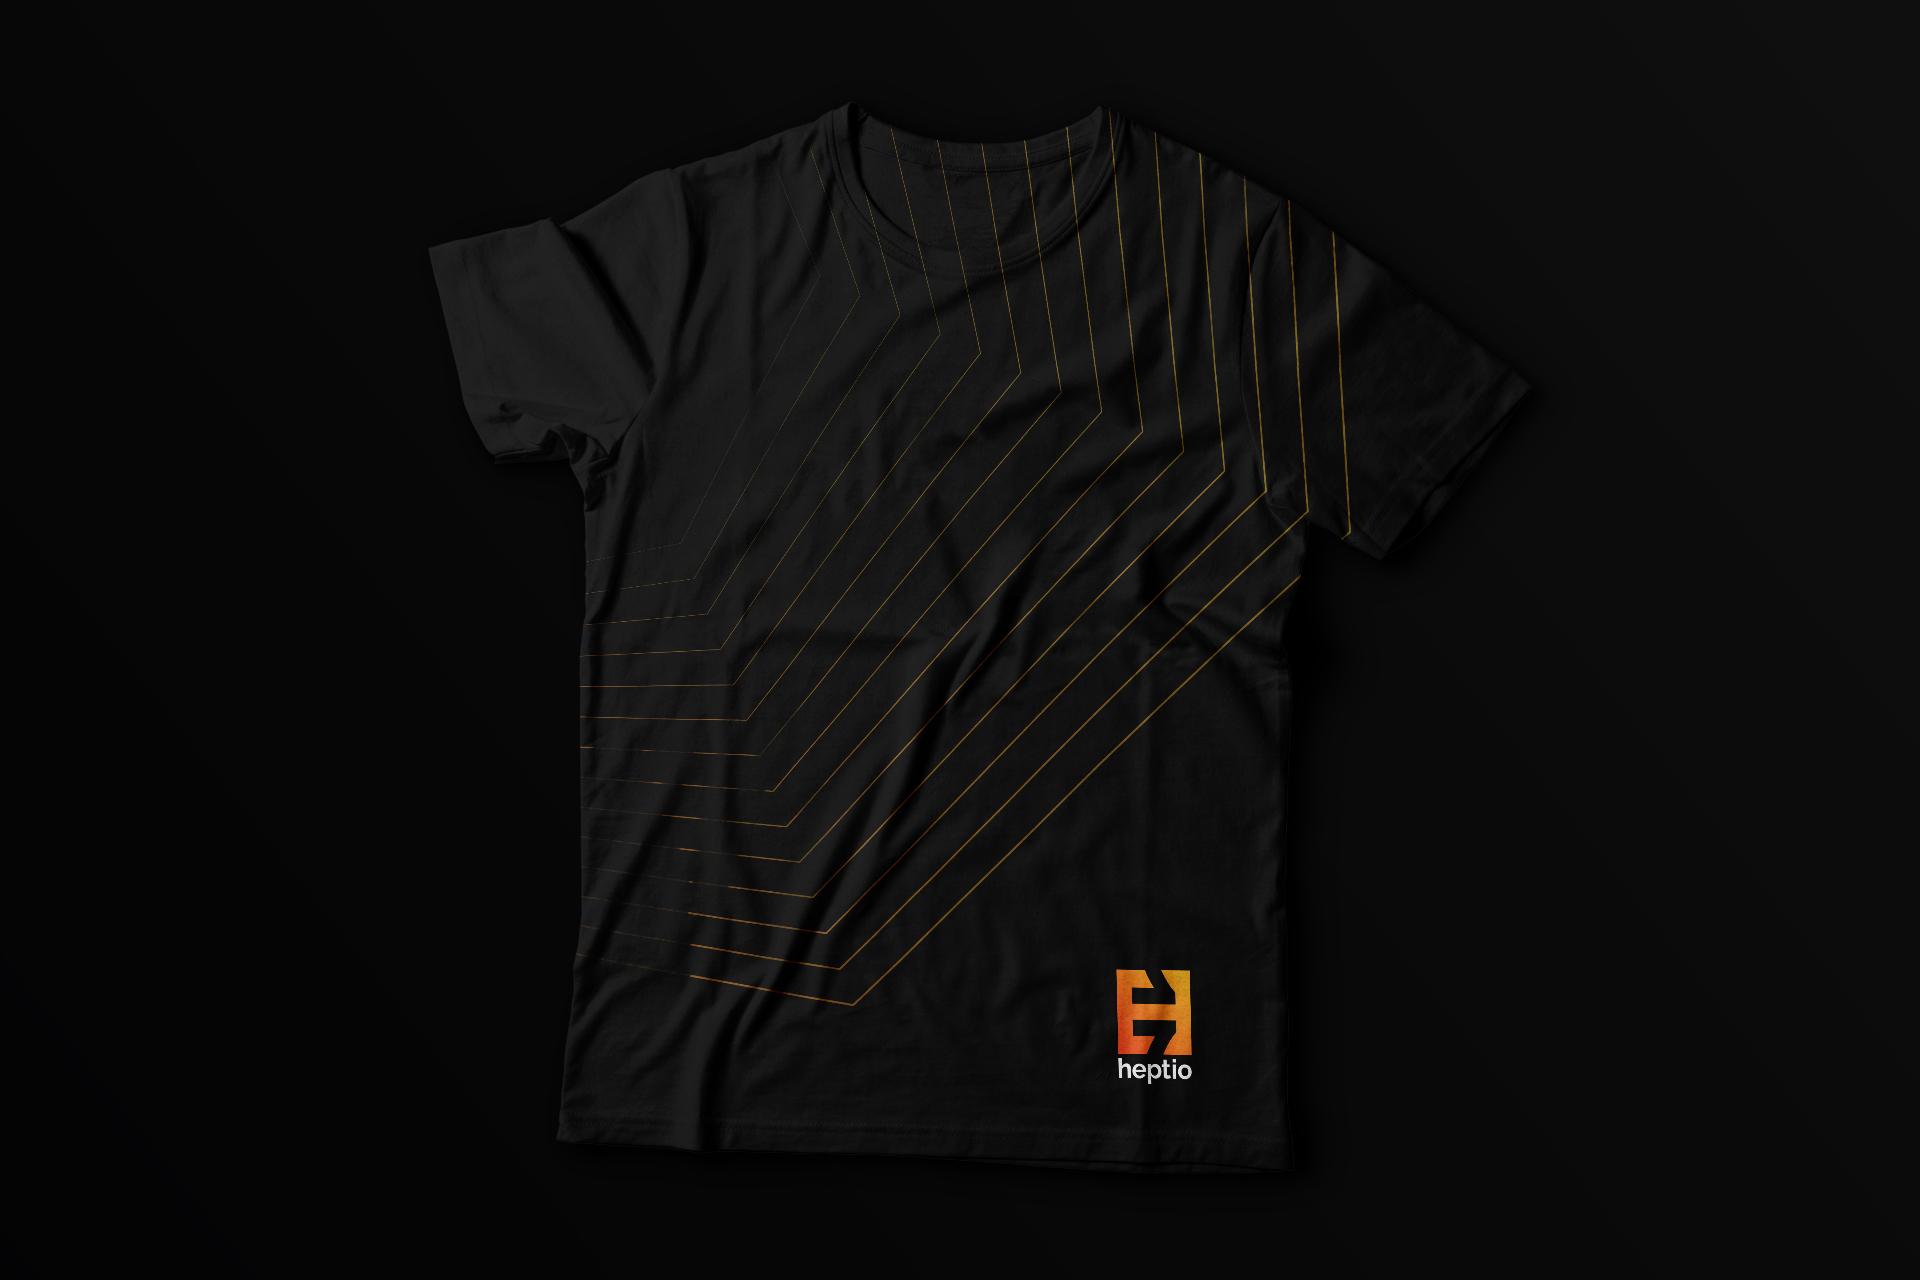 Heptio_Shirt